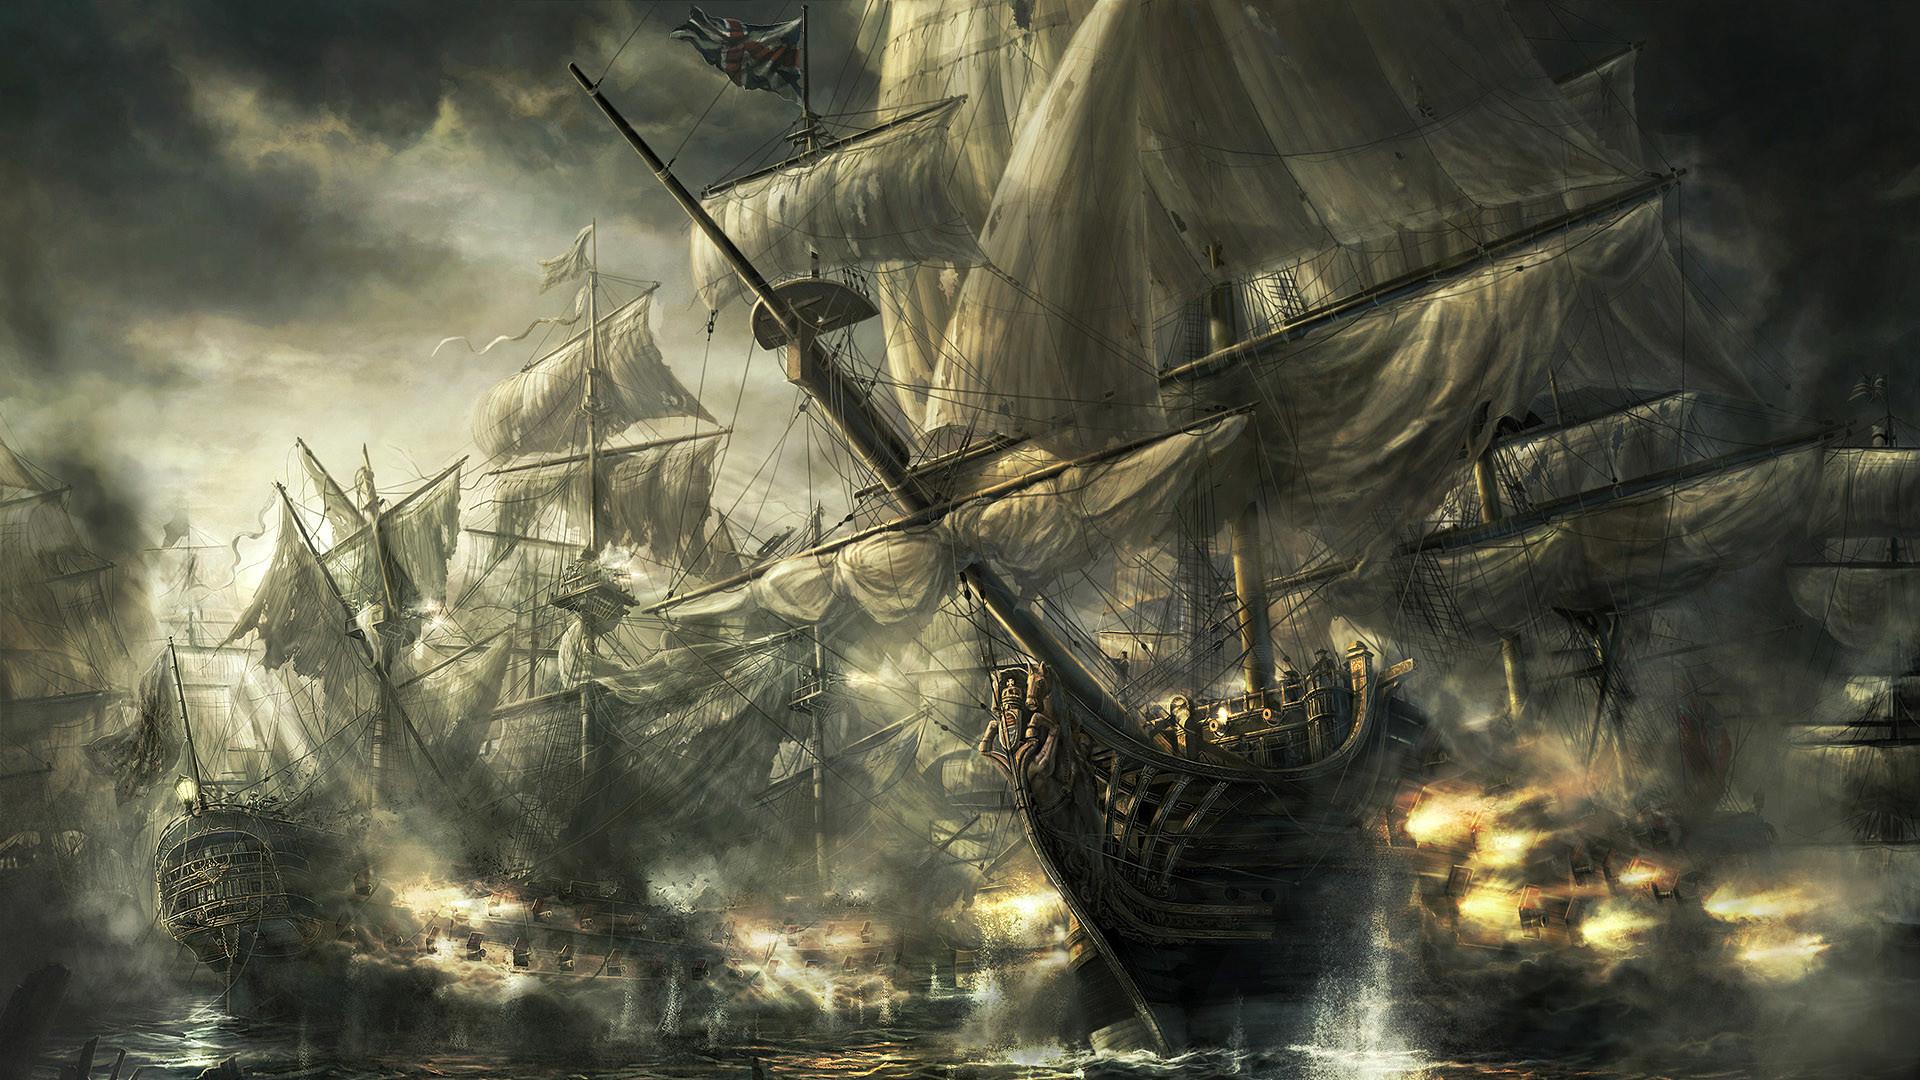 Sea Pirate Picture